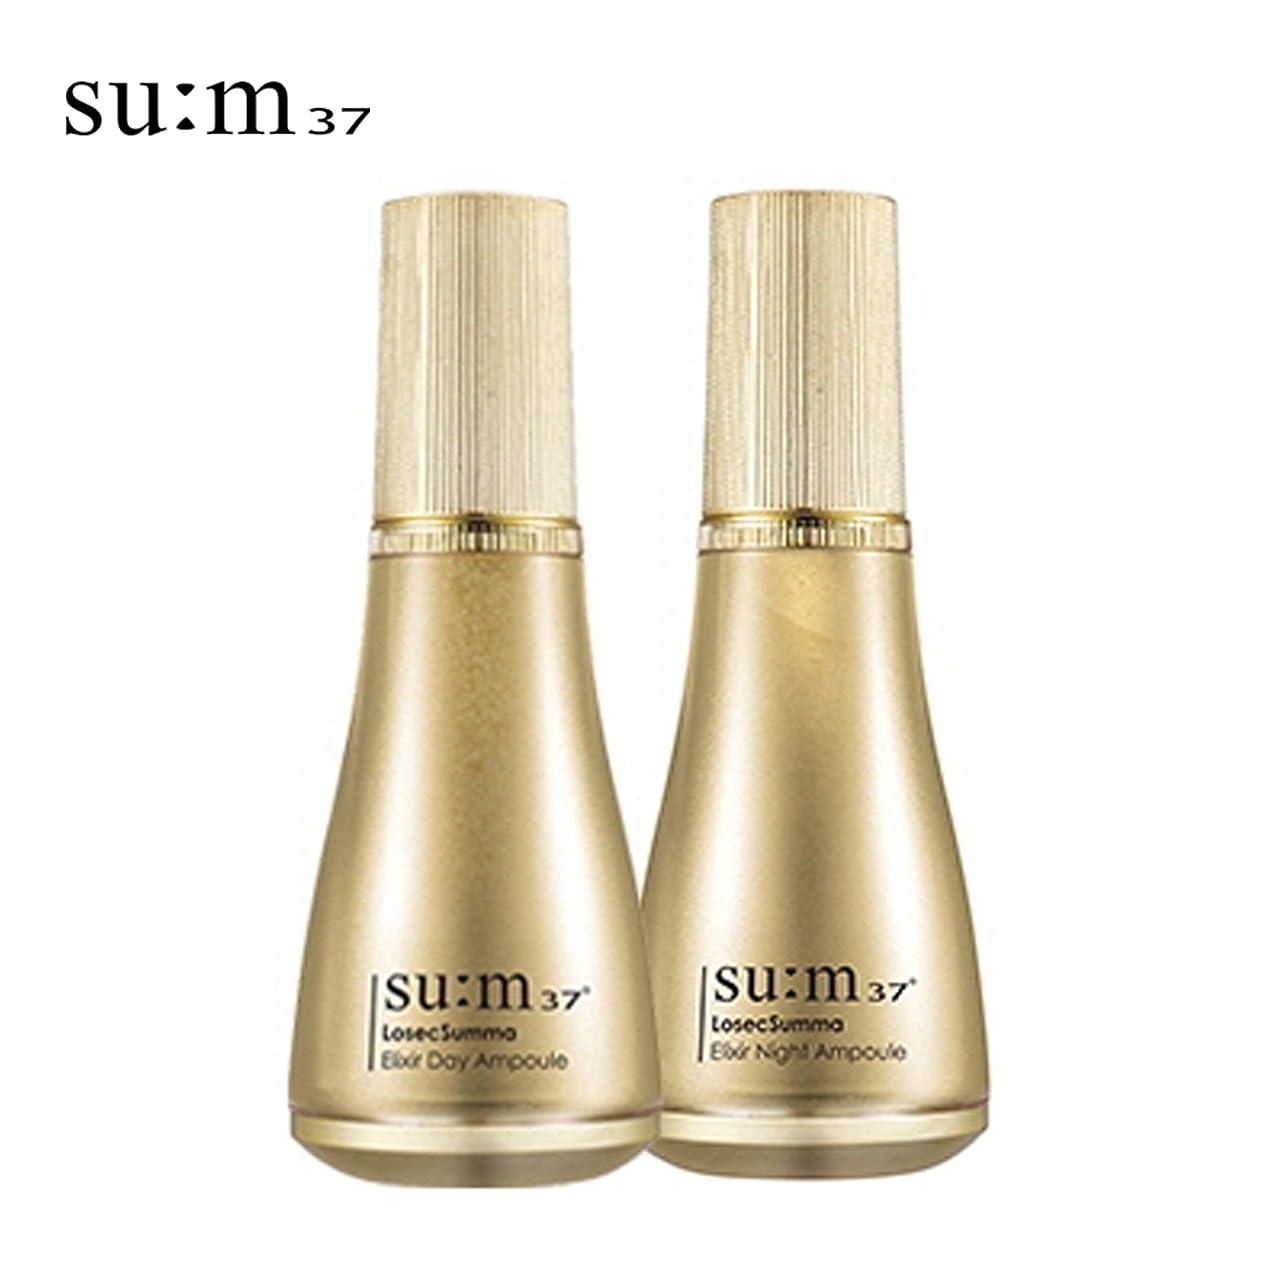 アサーあさり自転車[su:m37/スム37°]Sum37 でシック スムマ エリクサーアンプル デュオ/スム37 LOSEC Summa Elixir Ampoule Duo 20ml+20ml + [Sample Gift](海外直送品)